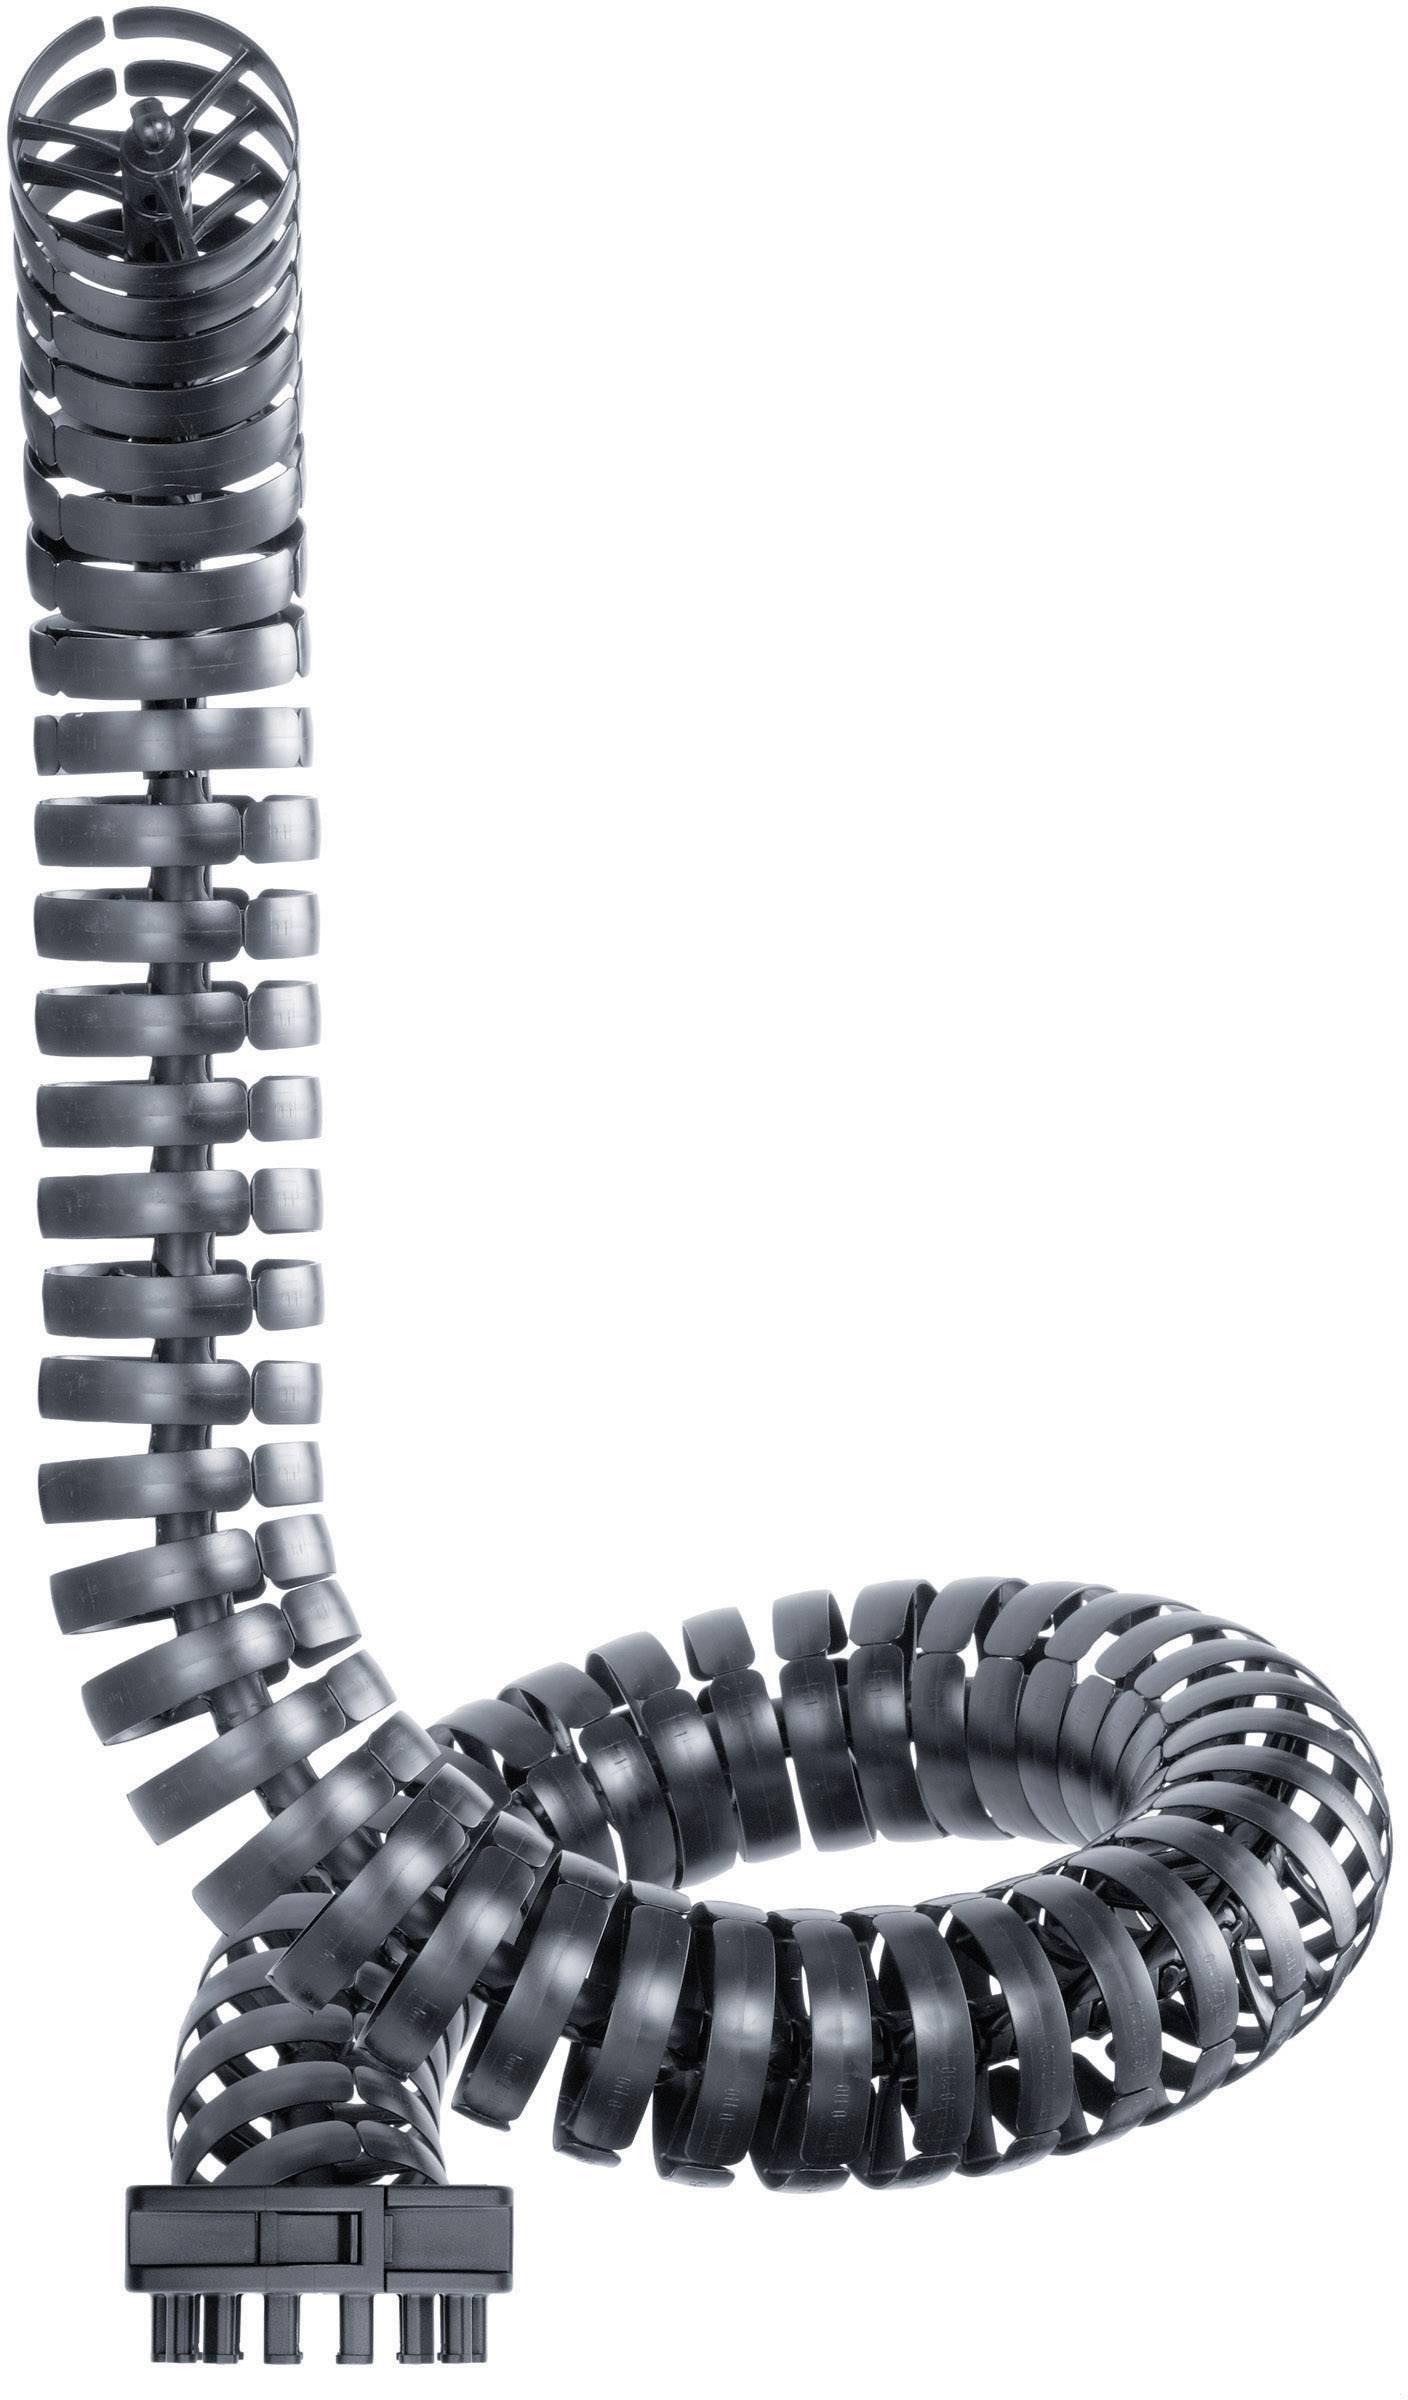 Spojovací prvek pro energetické řetězy Igus Triflex R light, TL.30.01.Z1